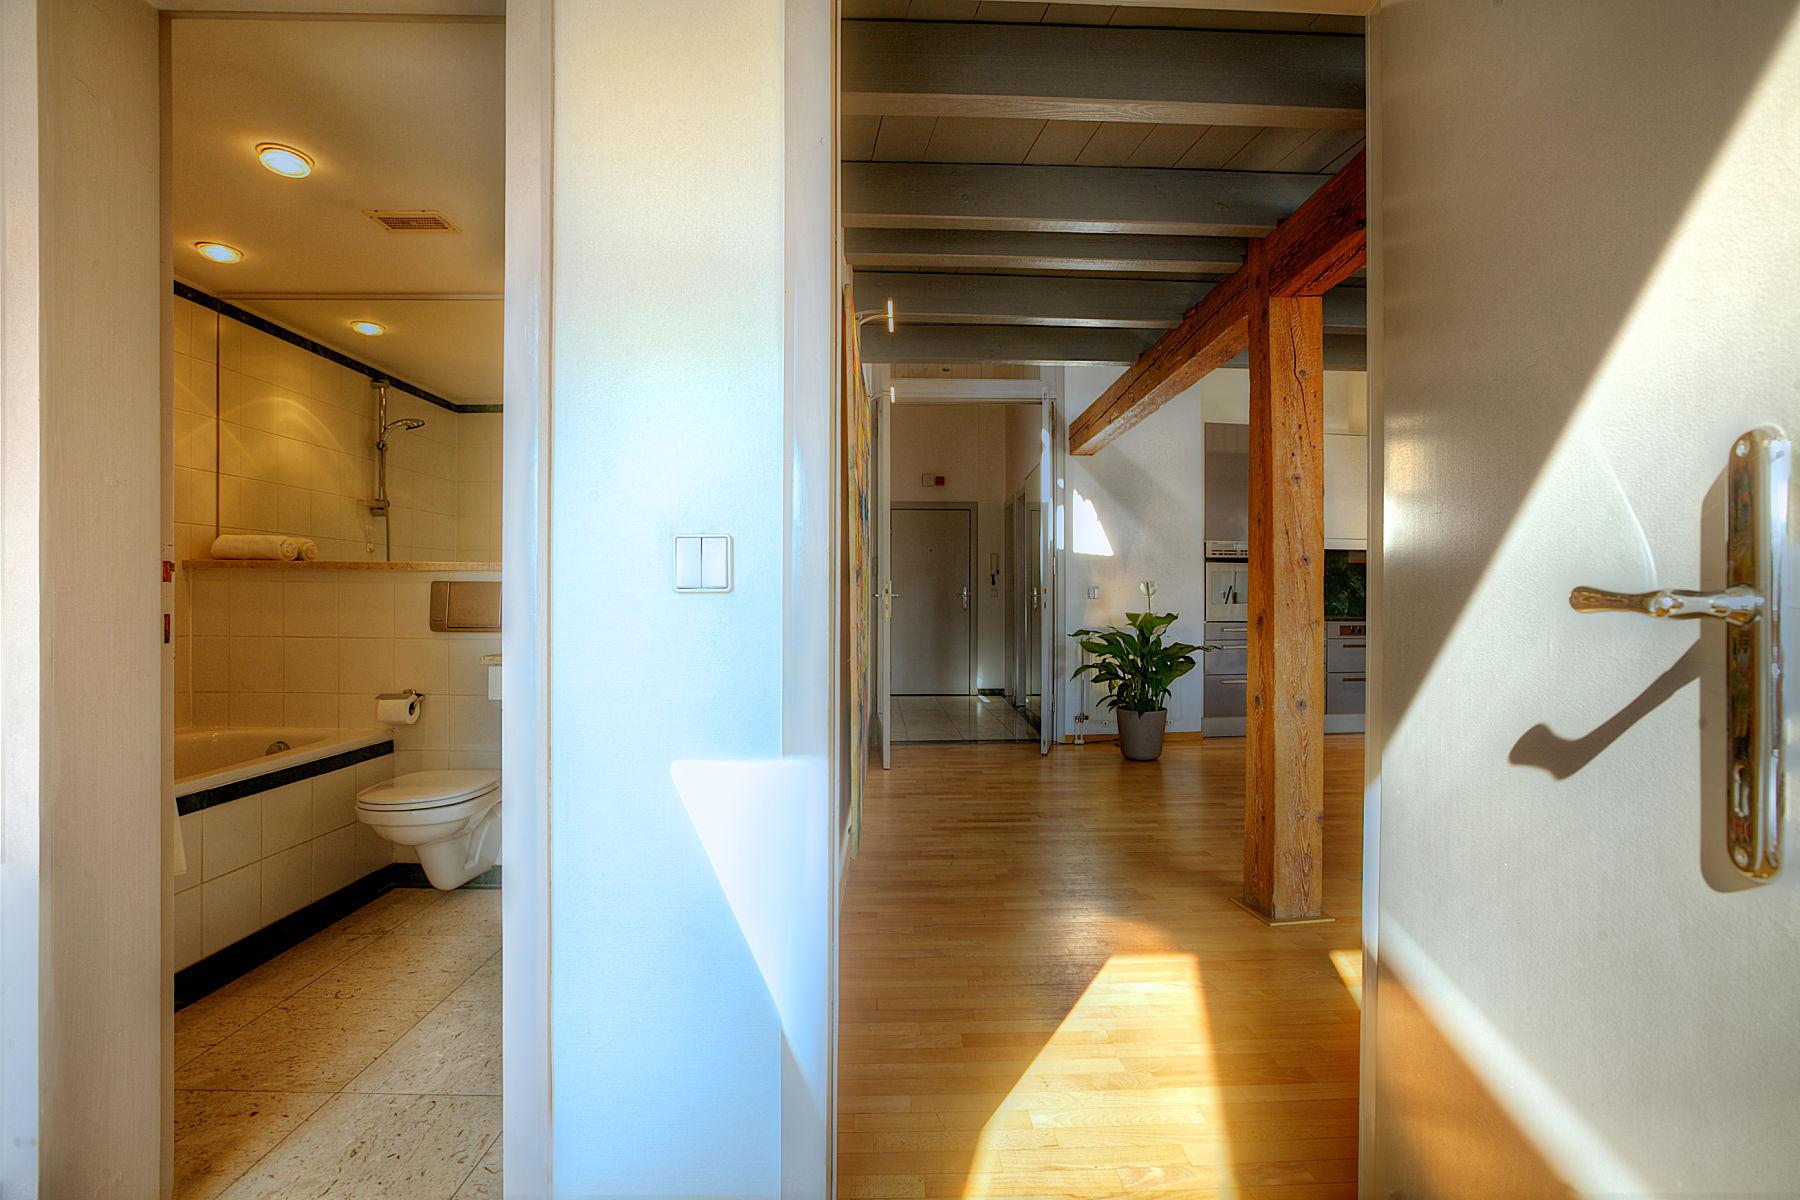 Вход в квартиру в стиле лофт